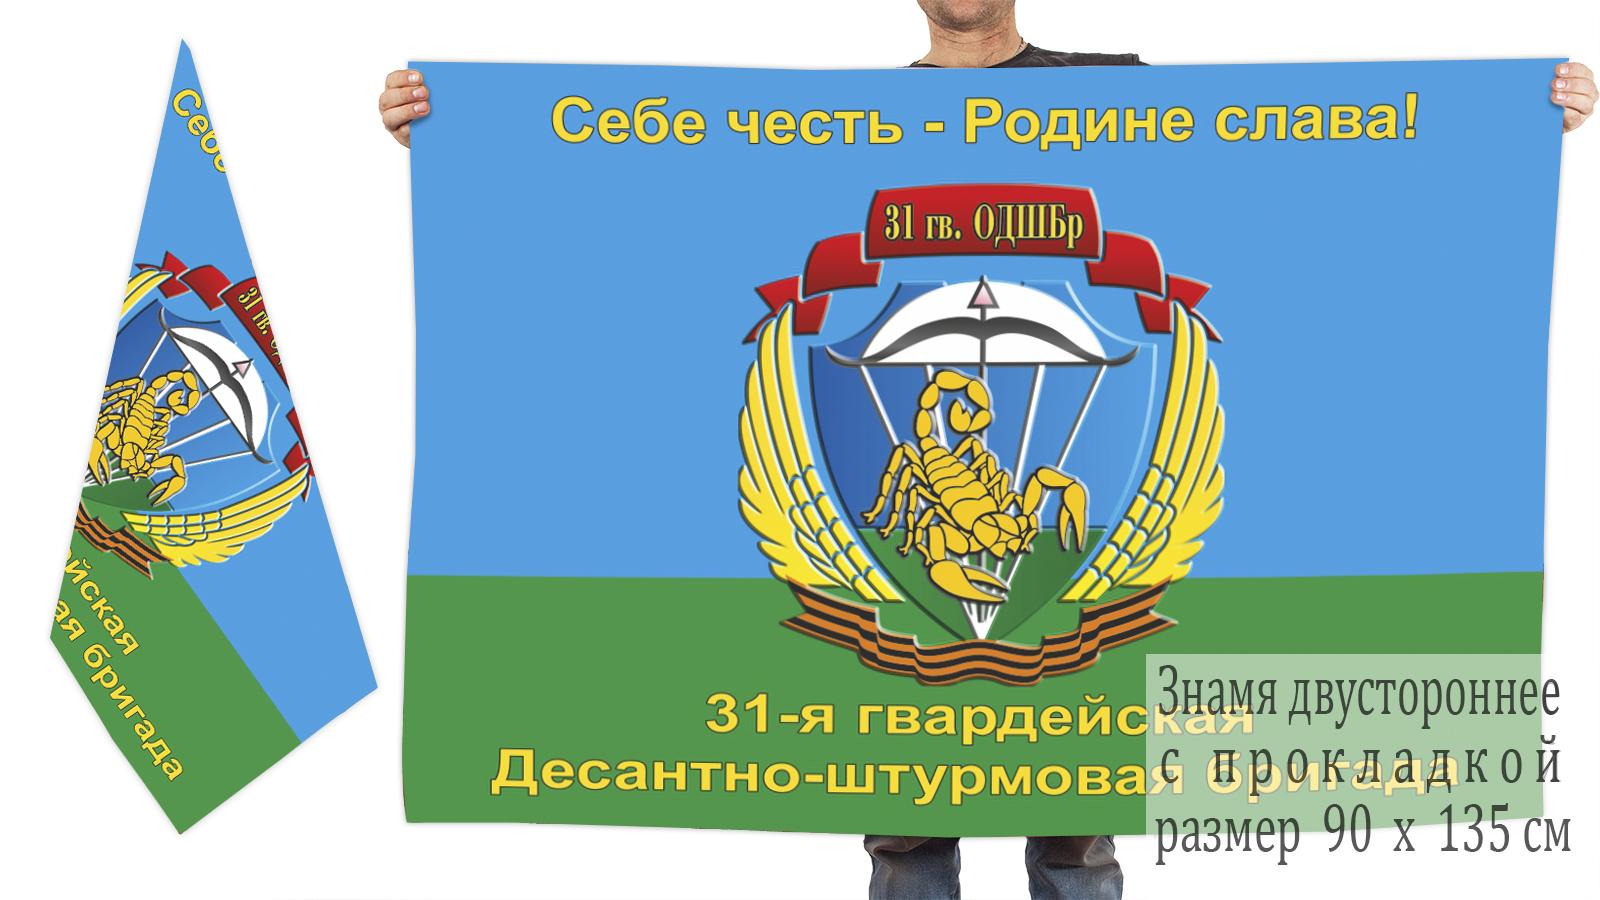 Двусторонний флаг 31 гвардейской десантно-штурмовой бригады